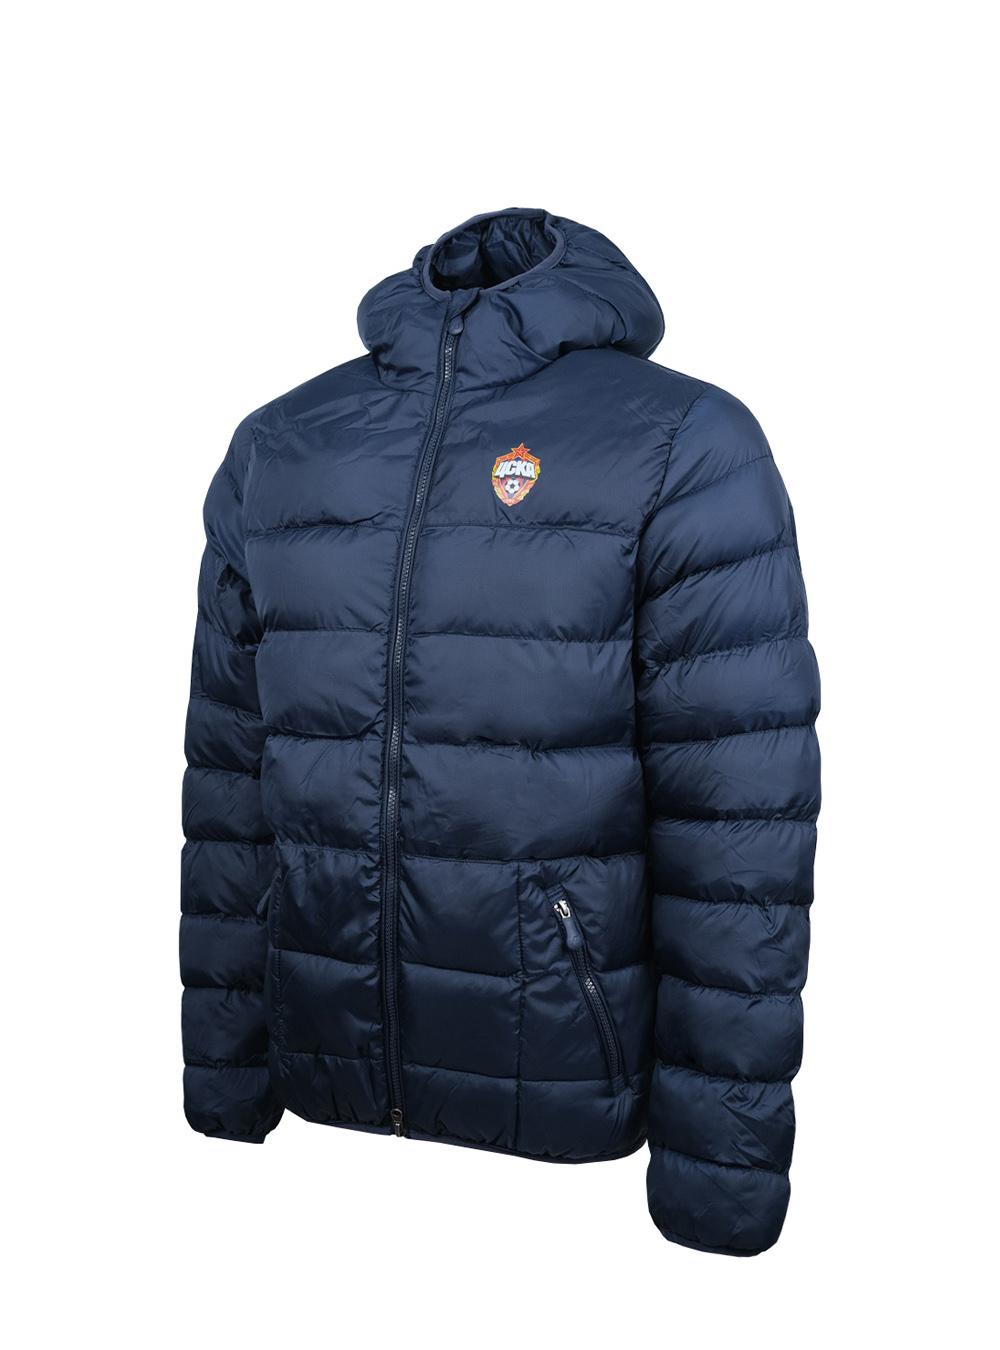 Куртка утеплённая, цвет тёмно-синий (XS) фото